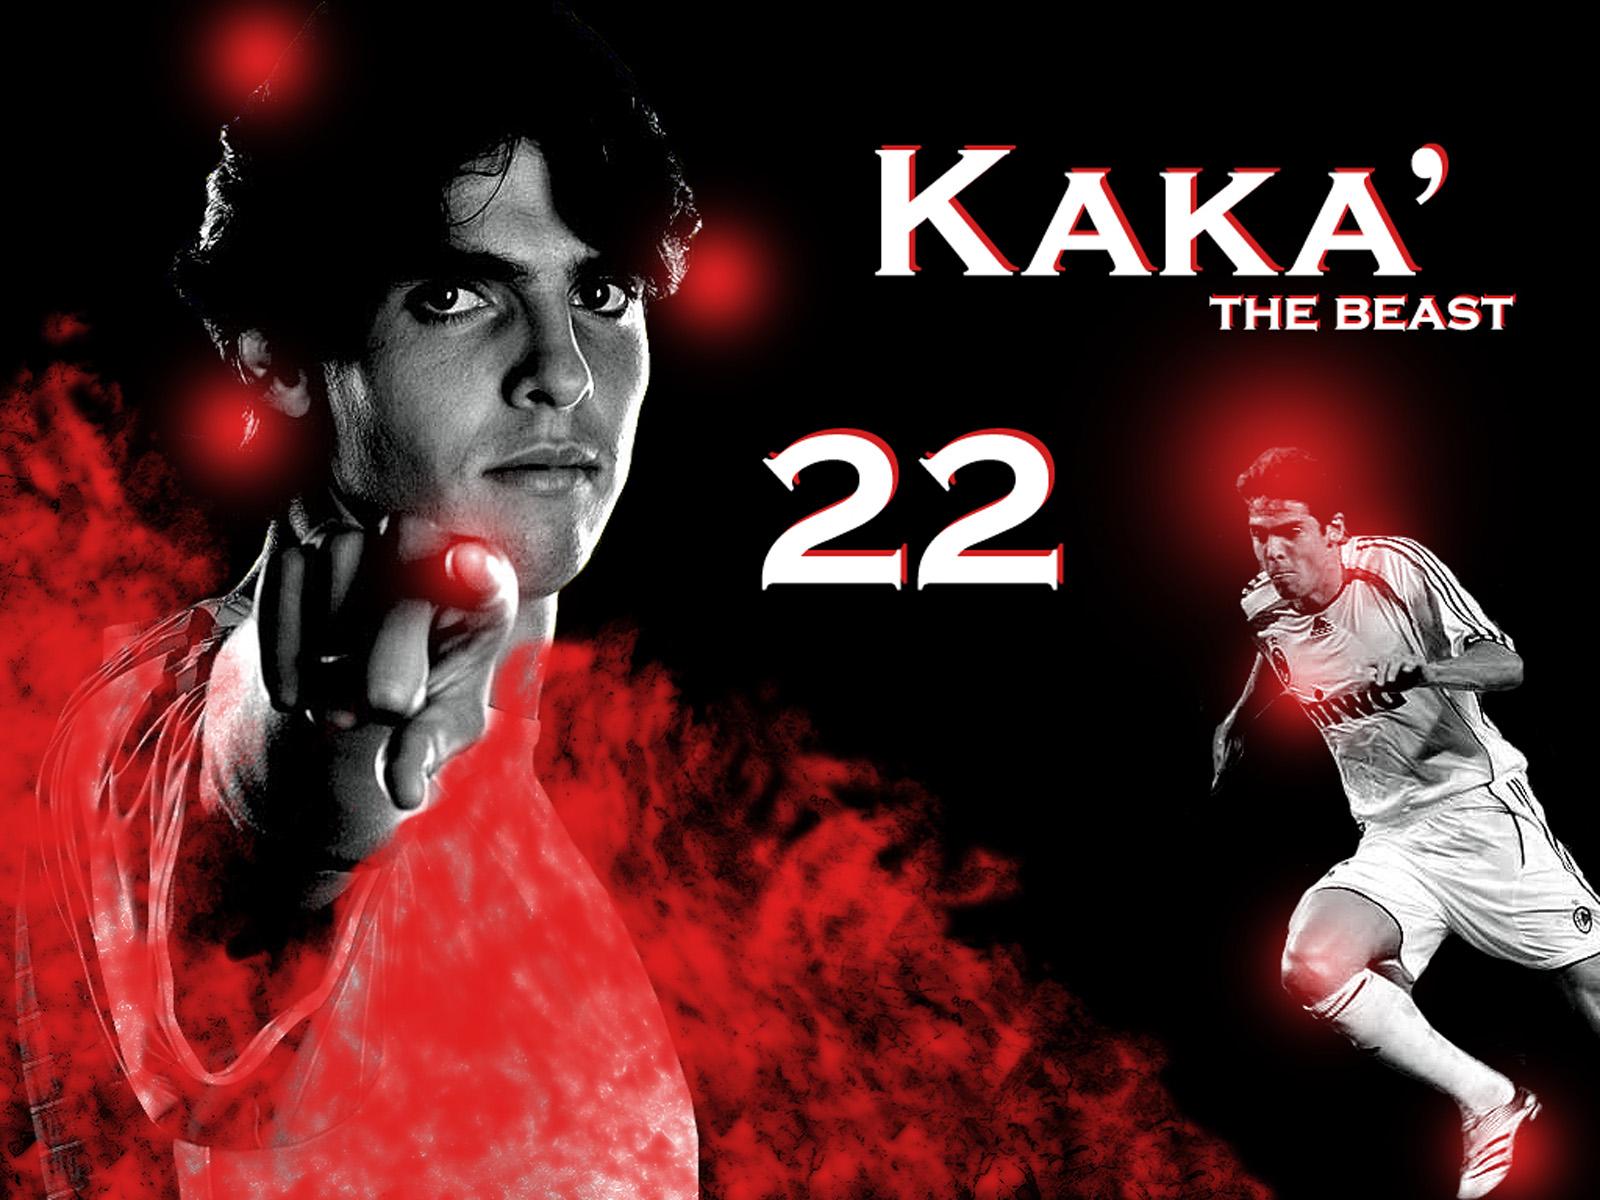 http://1.bp.blogspot.com/-st1bK2VcFNY/TwH5A5H09aI/AAAAAAAADVM/OjuMyS7J51A/s1600/ricardo-kaka-ac-milan.jpg